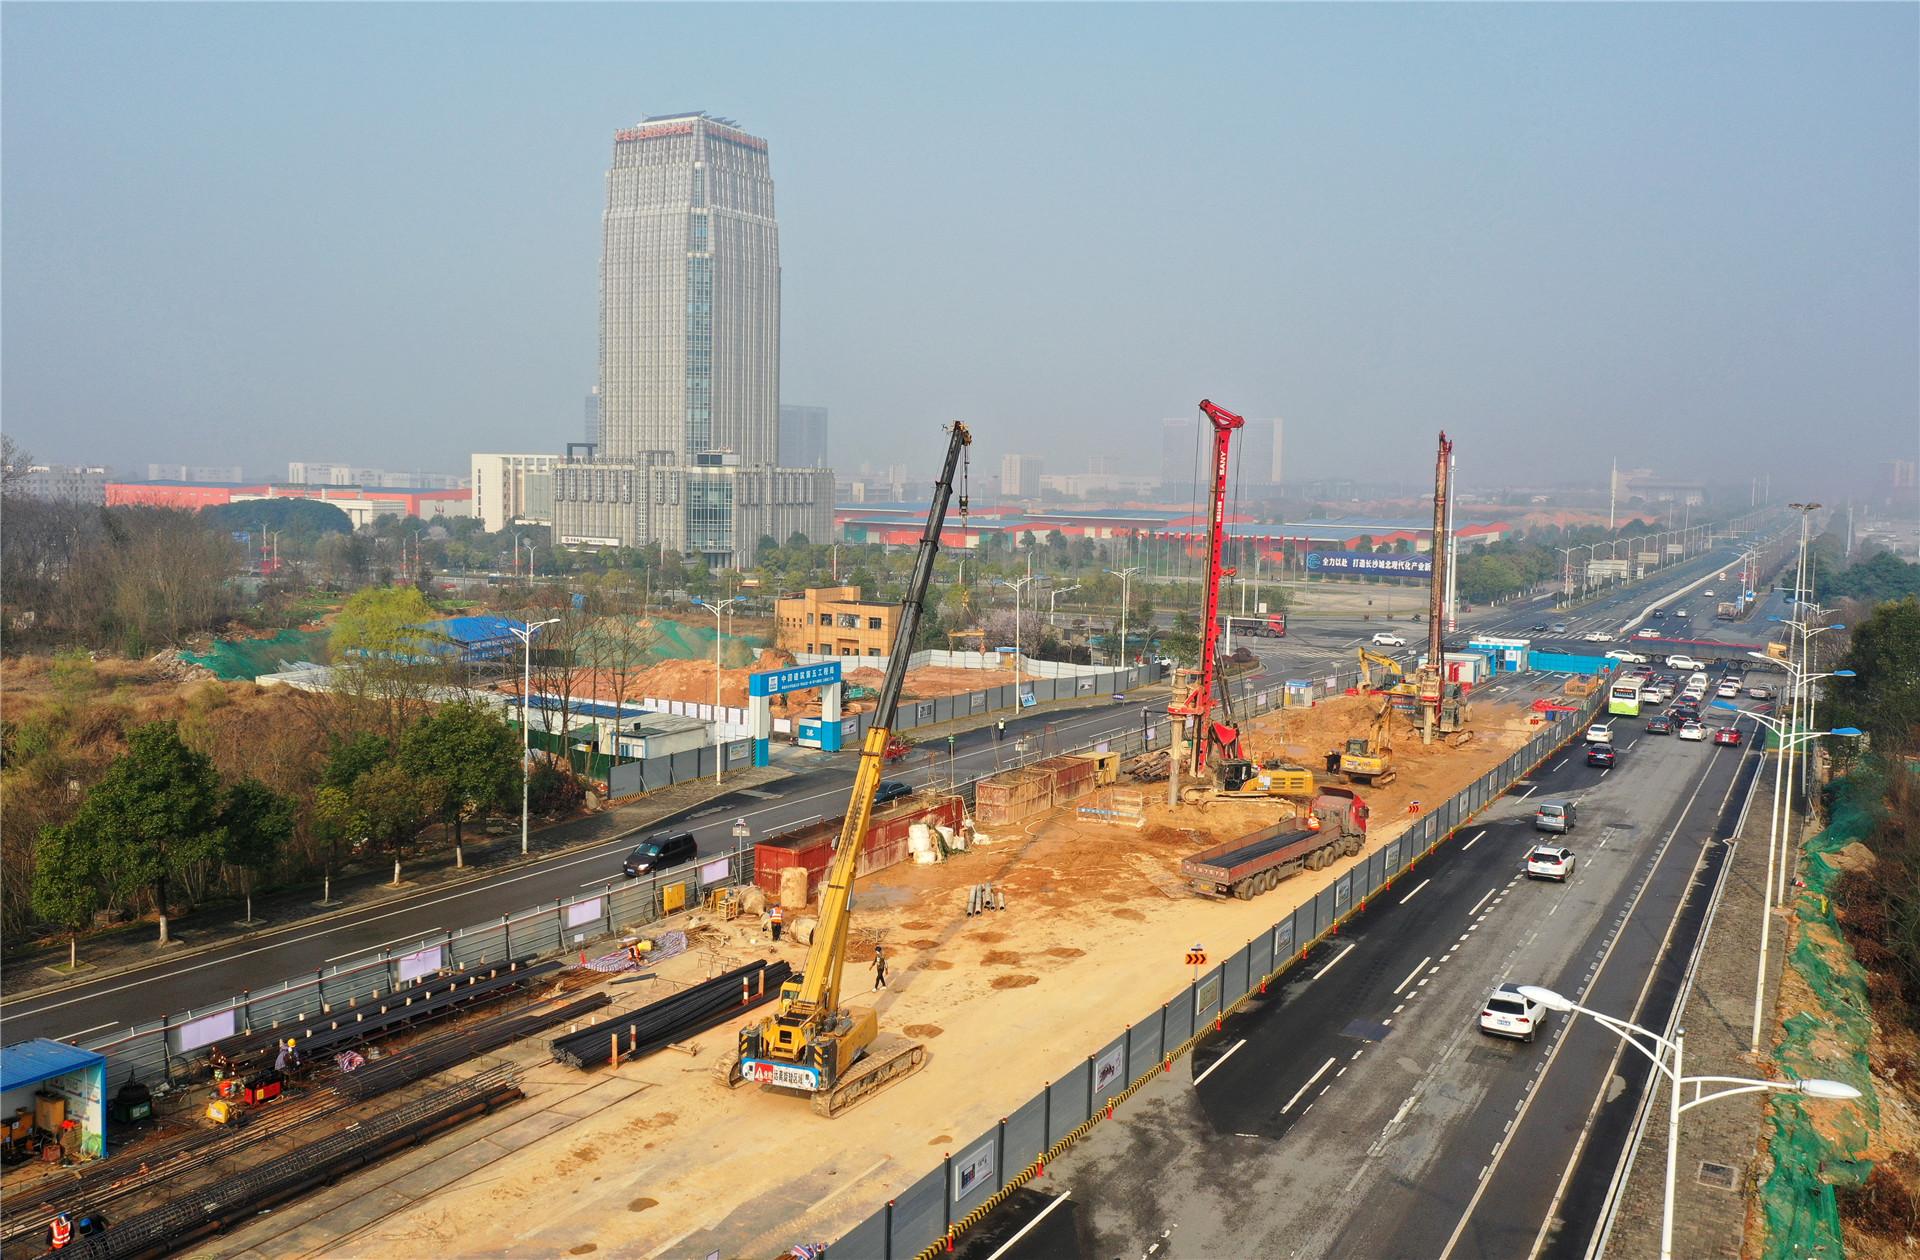 2021年2月23日,长沙市轨道交通1号线北延一期工程青竹湖路站施工现场,几台旋挖机正在打桩施工,施工人员在加紧作业。该站所属的中建五局一期土建二项目部于正月初六正式复工,120余名施工及管理人员全部到岗。青竹湖路站共有主体桩88根,目前已完成14根,剩余桩预计于3月底全部完成。据了解,长沙轨道交通1号线北延一期工程北起彩霞路站,南端止于开福区政府站,全长9.839km,设站5座,项目于2020年10月开工建设,目前全面进入主体桩基